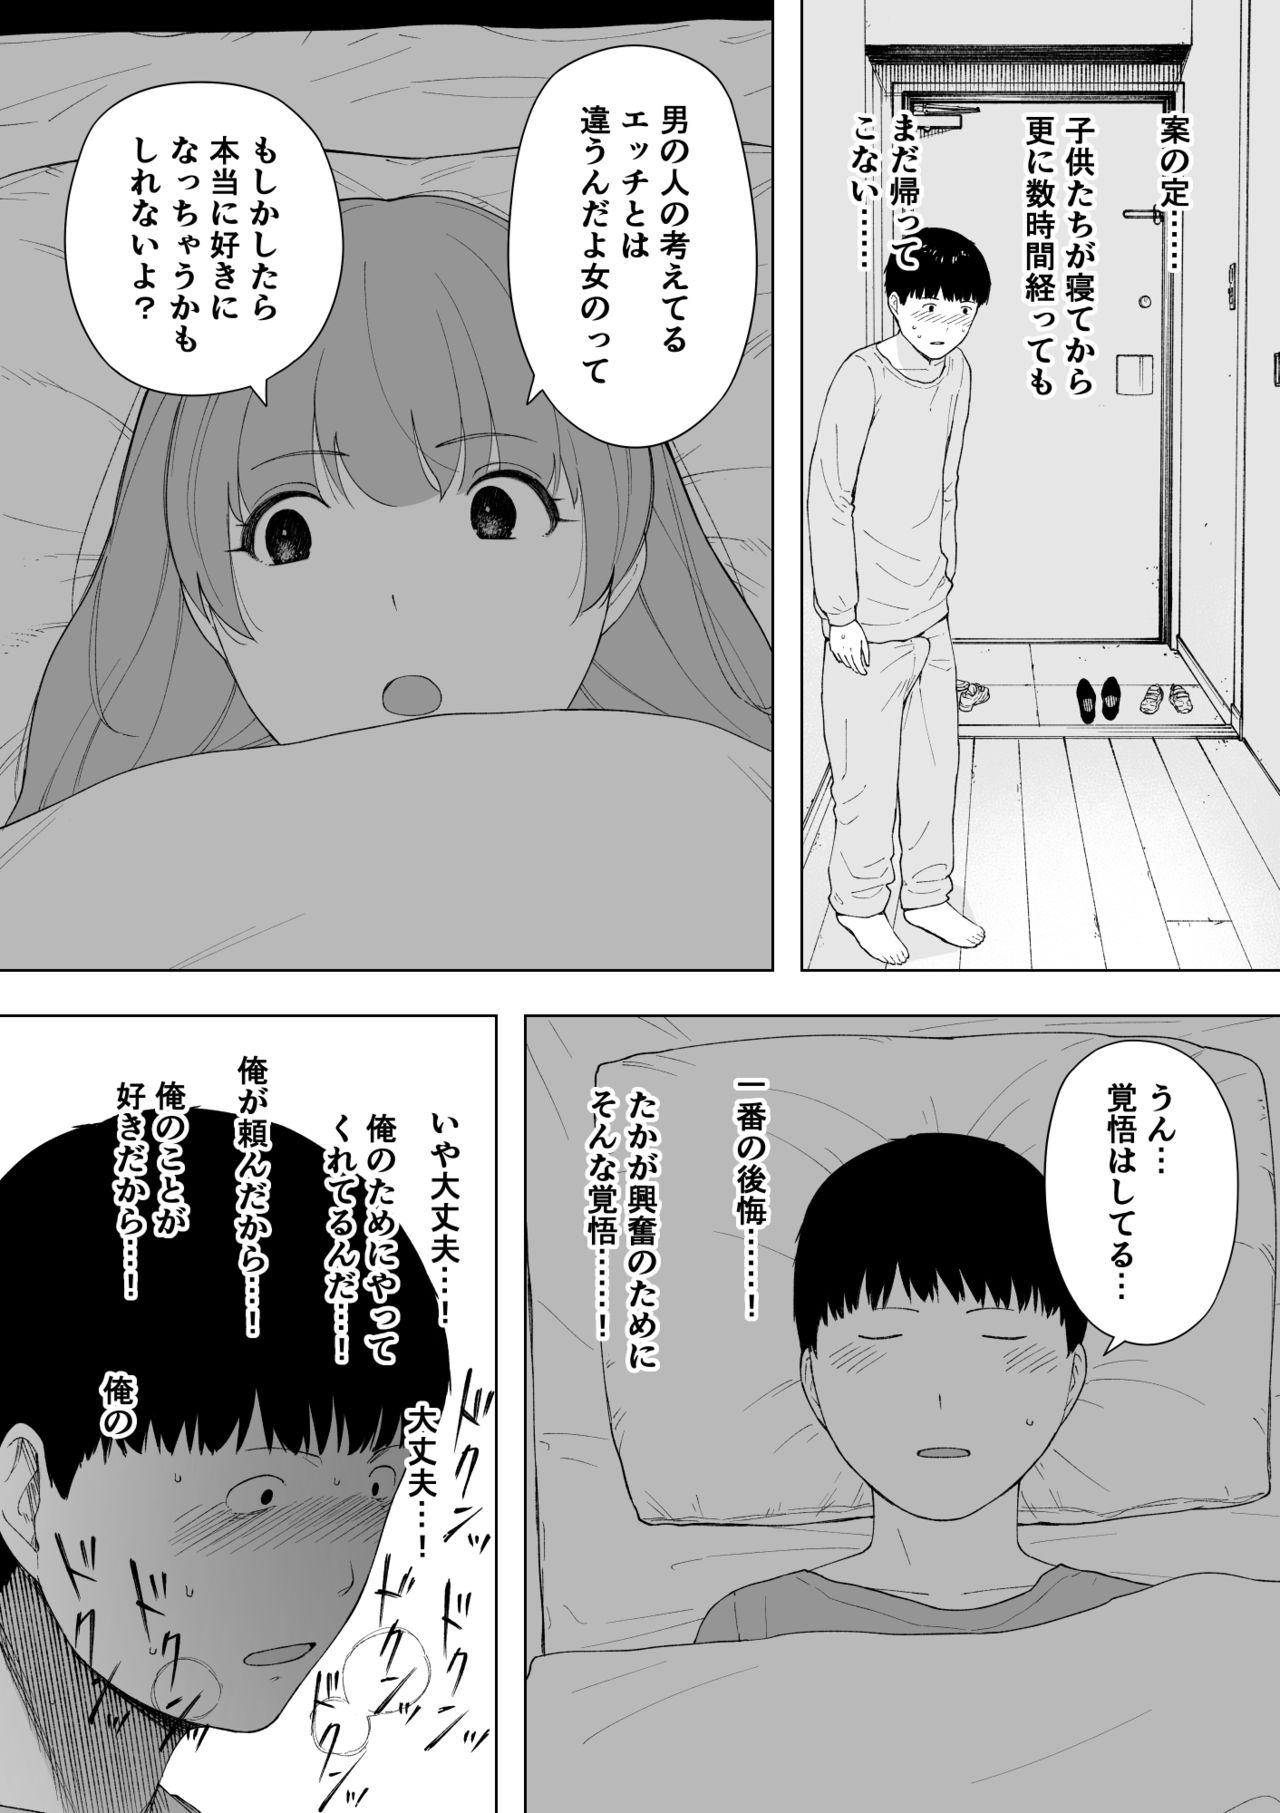 Aisai, Doui no Ue, Netorare 5 ~Moriguchi-ke no Onna~ page 7 full